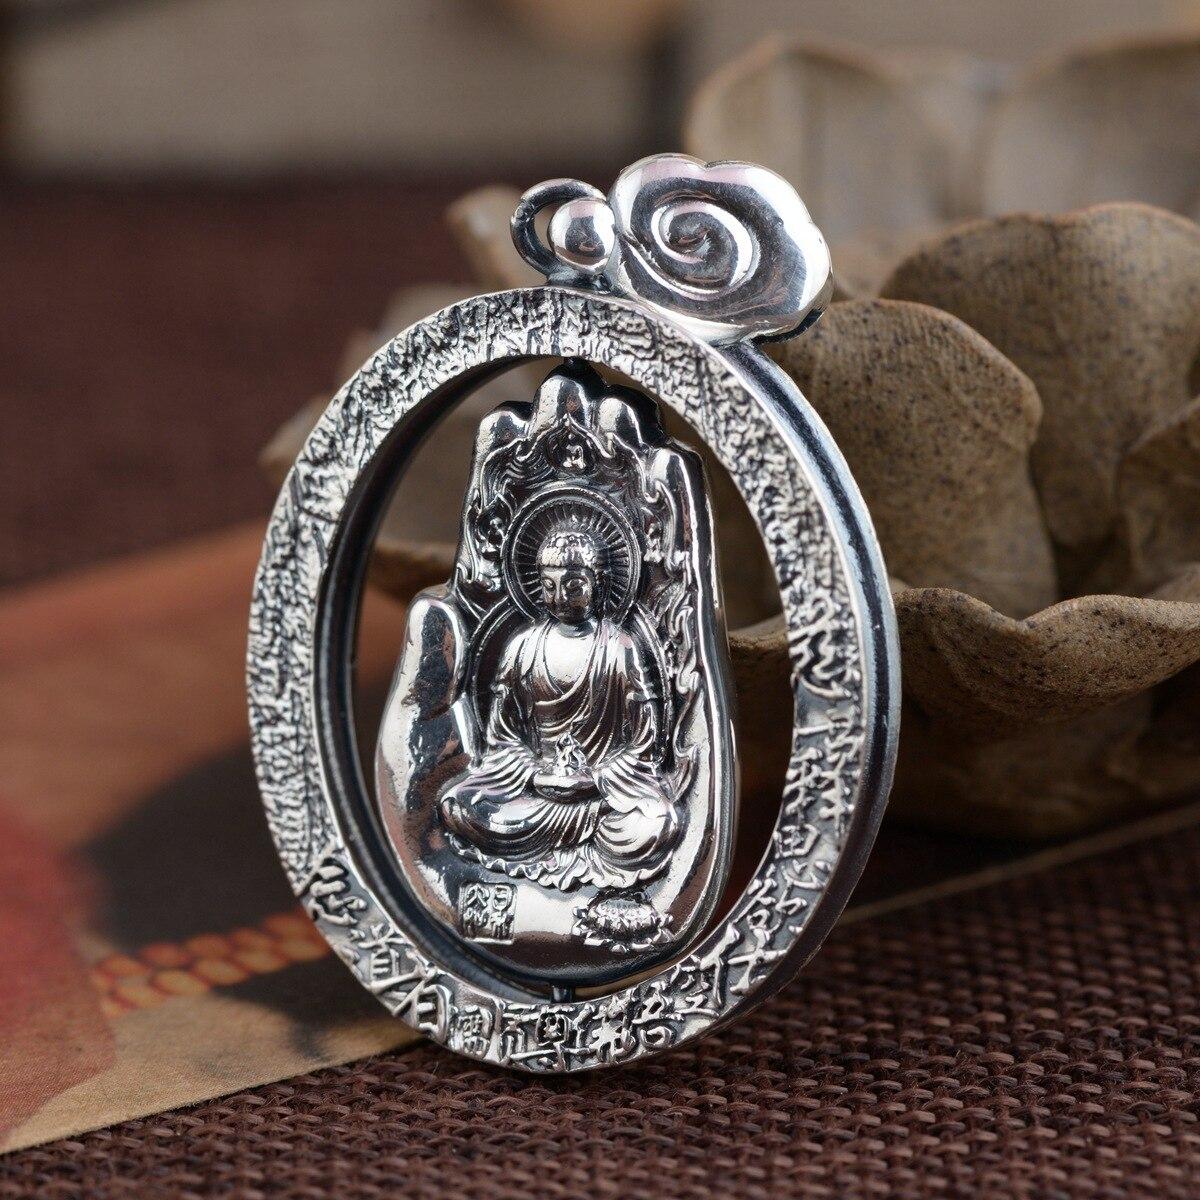 Artisanat Antique en argent 990, pendentif zodiaque Bodhisattva douze